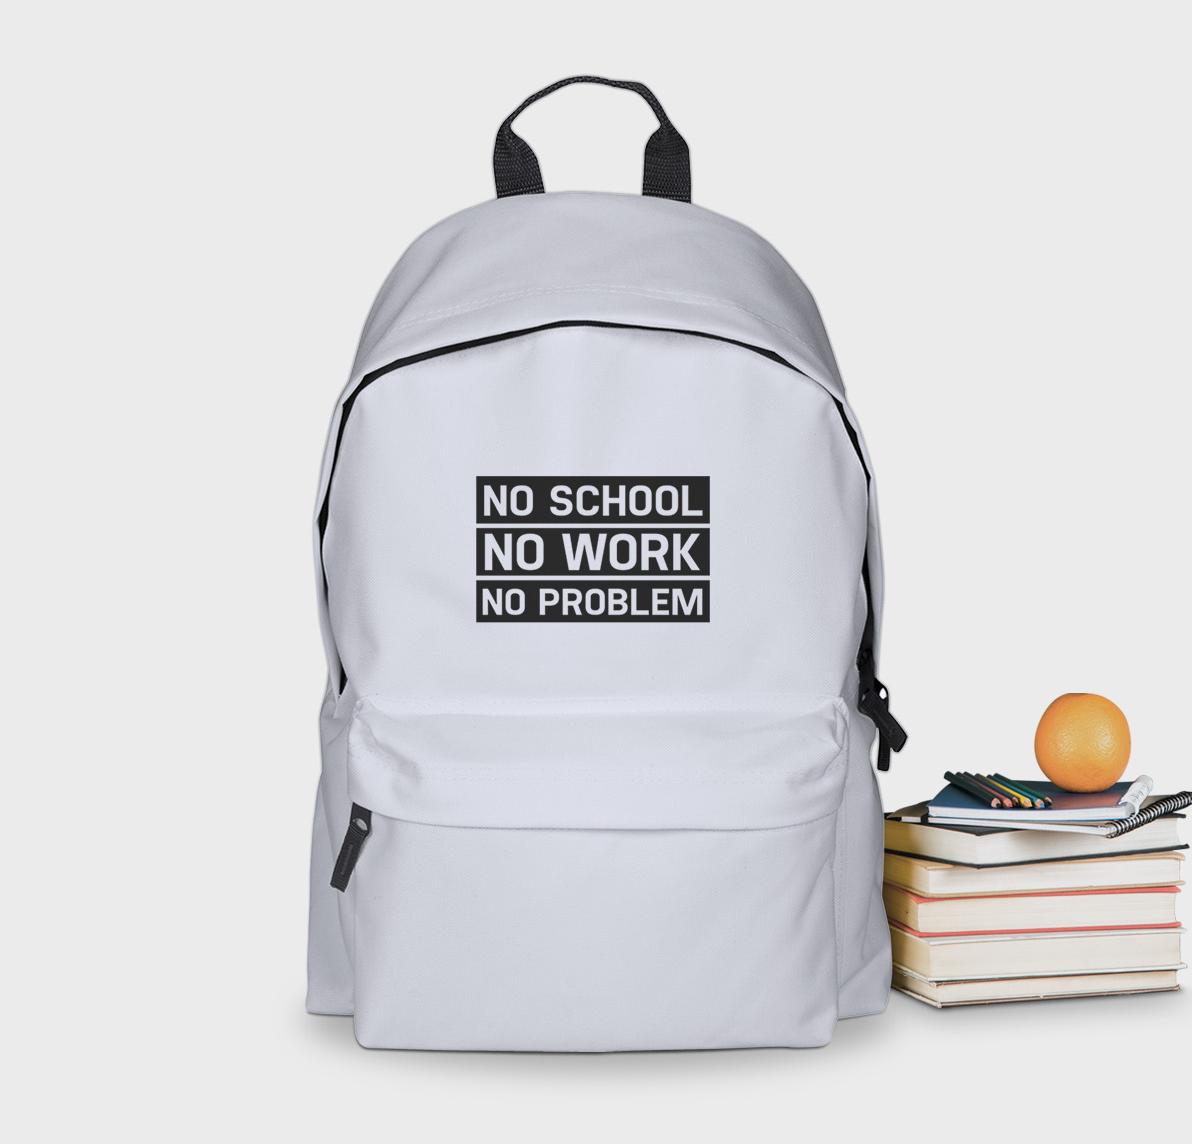 Śmieszny wzór na plecaku do szkoły? Oto 5 najlepszych propozycji